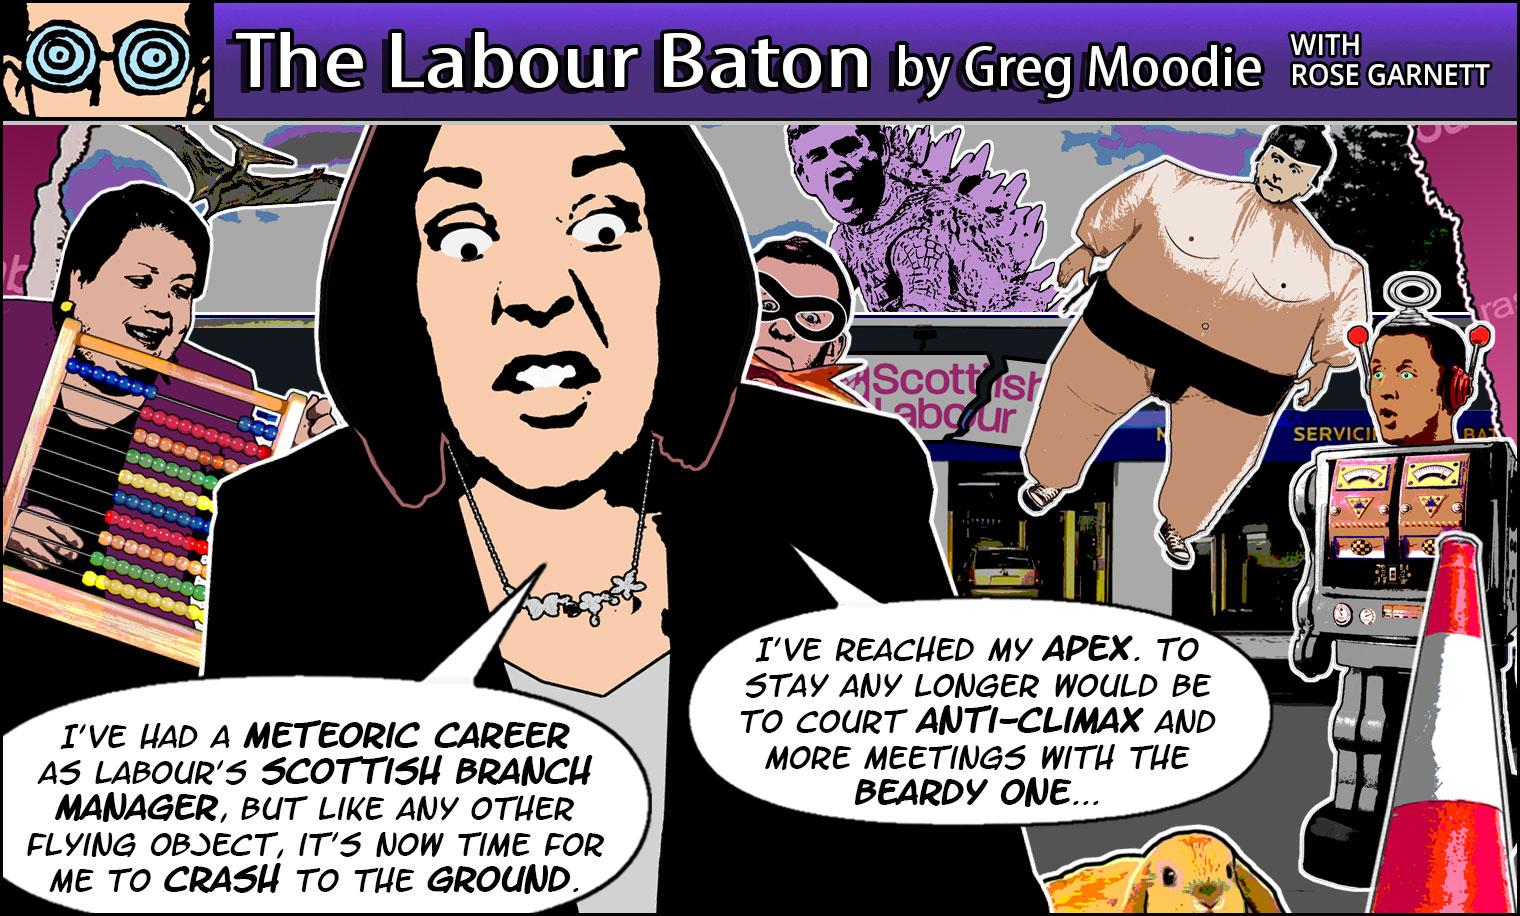 The Labour Baton